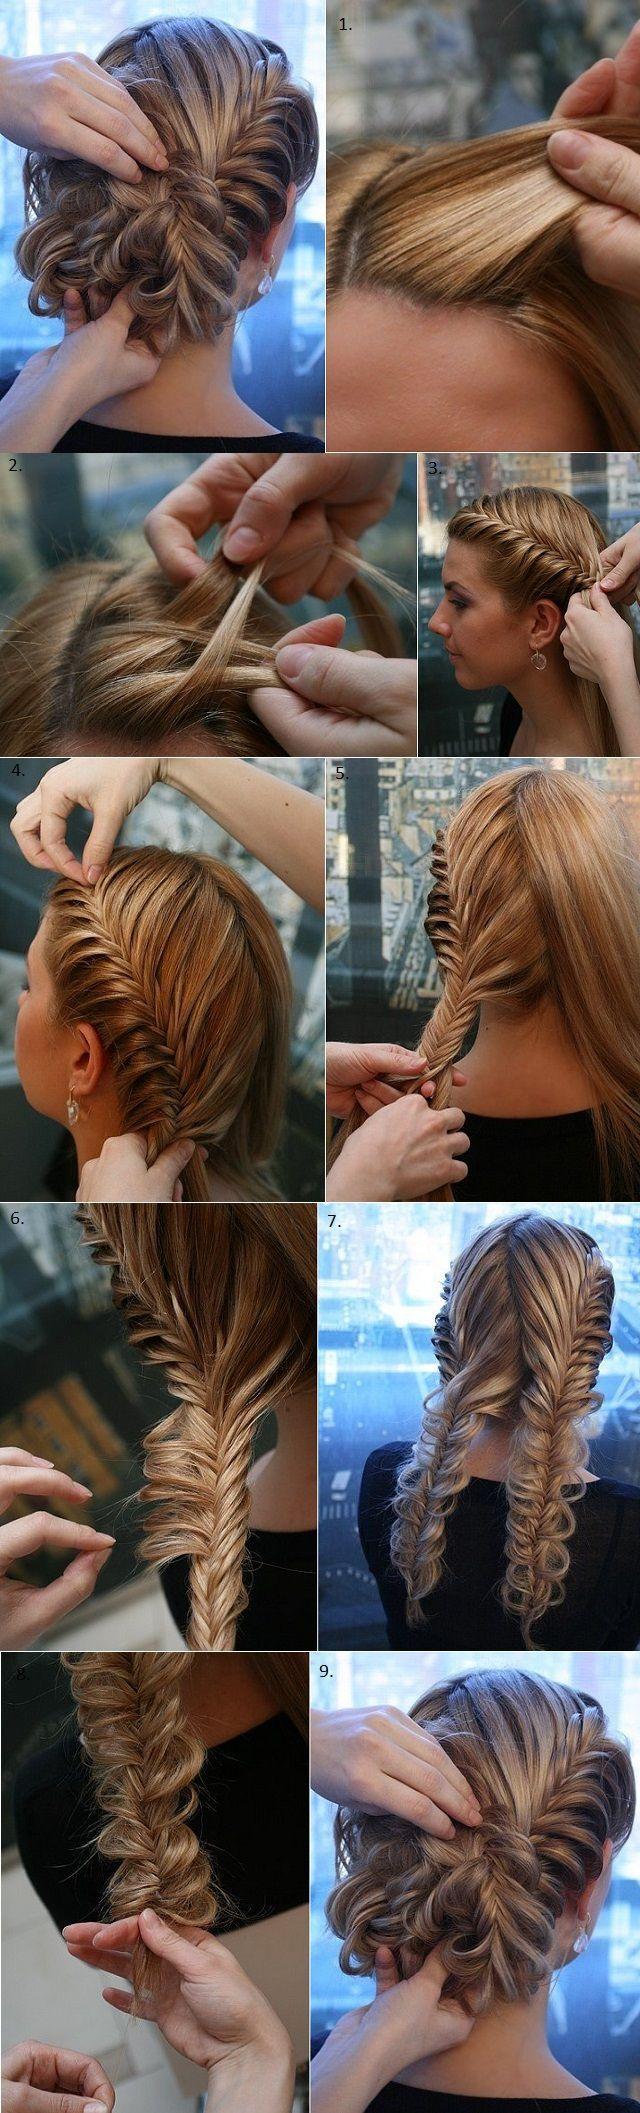 Coucou les beautés,  Vous êtes fans de coiffures originales ? Astuces de Filles revient avec de nouvelles idées et tutos choisis pour vous. Découvrez de